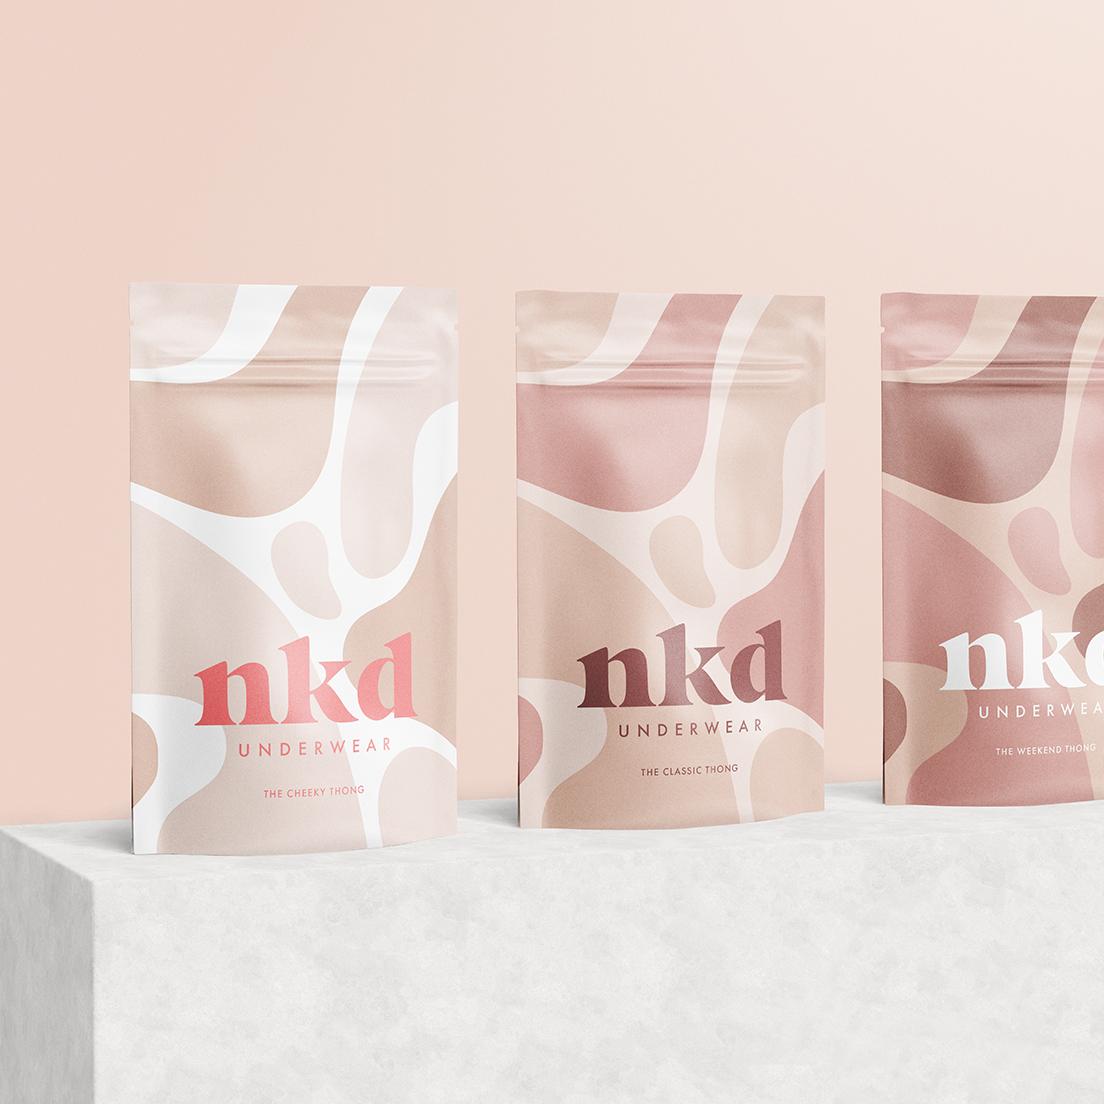 Alexandra Necula Studio Designs NKD Underwear Branding and Packaging